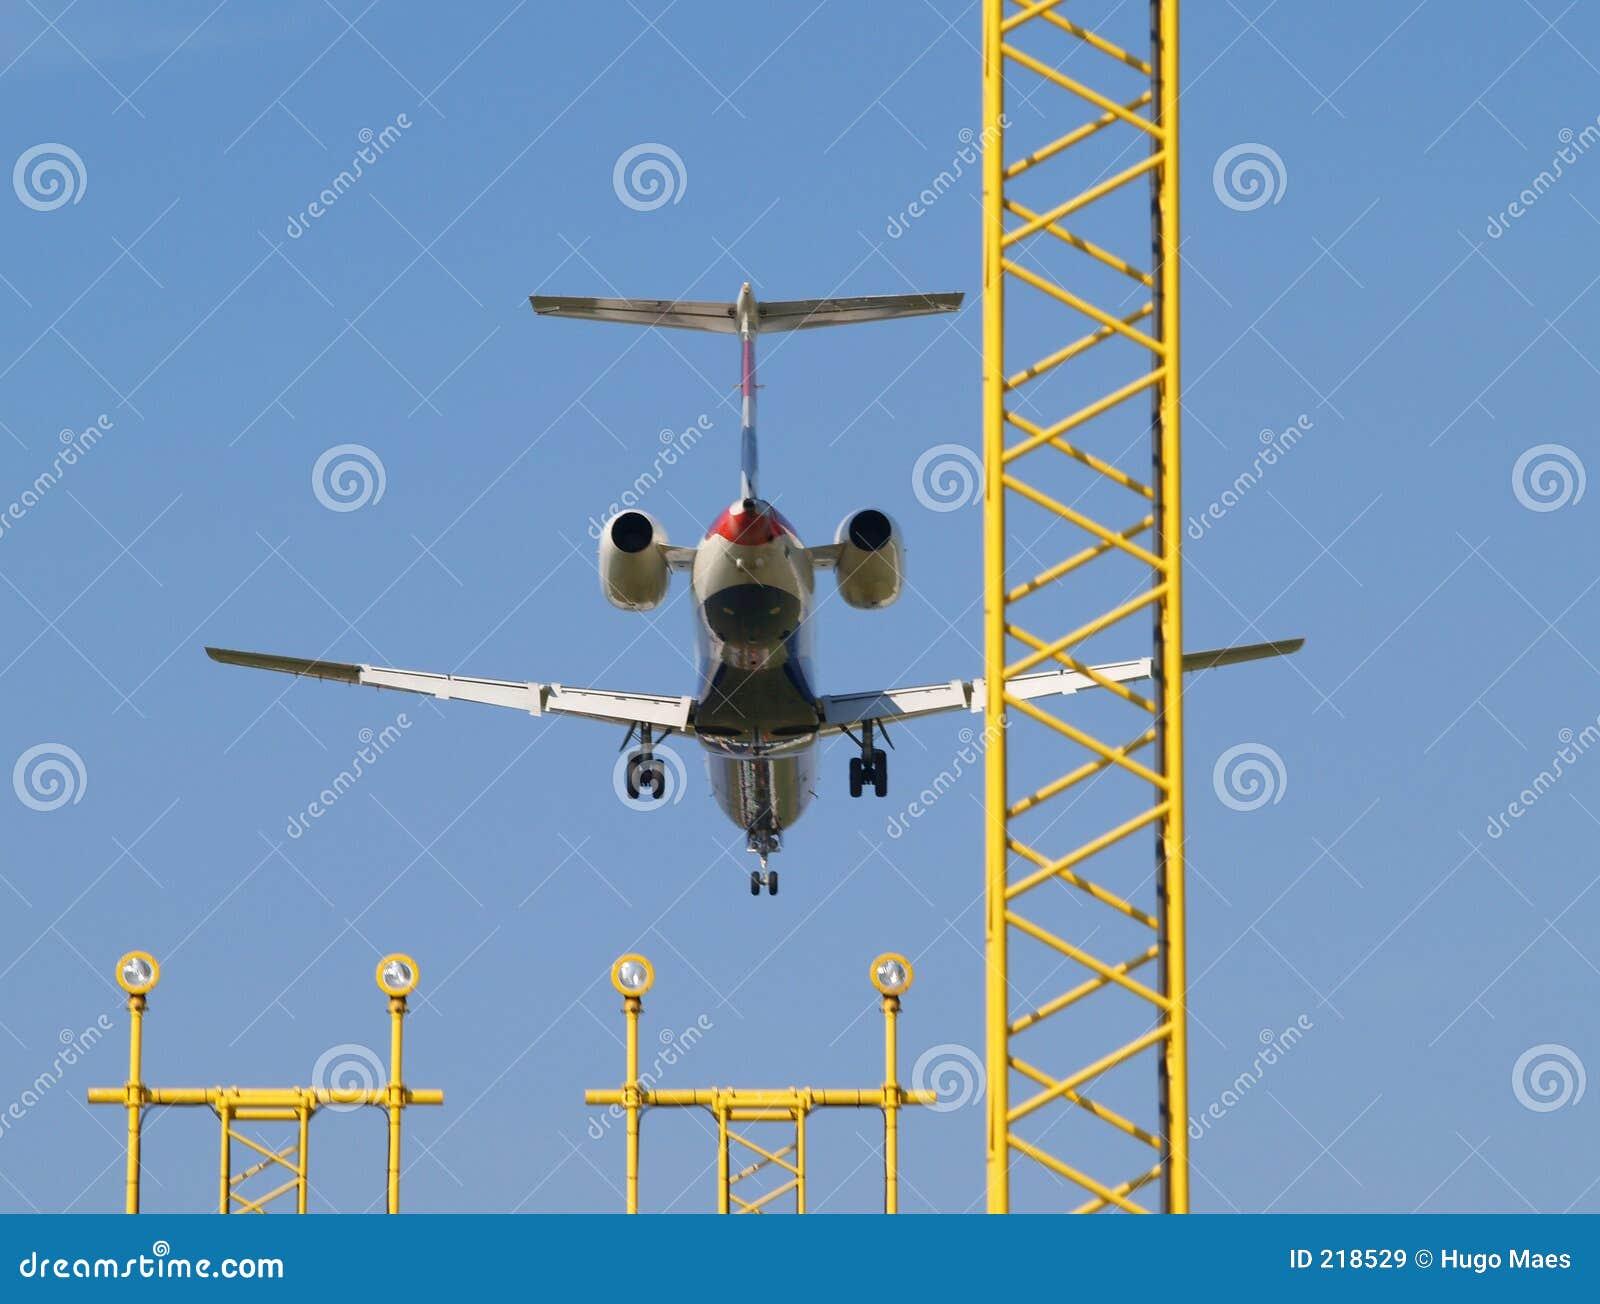 Atterraggio di velivoli ed indicatori luminosi di atterraggio.